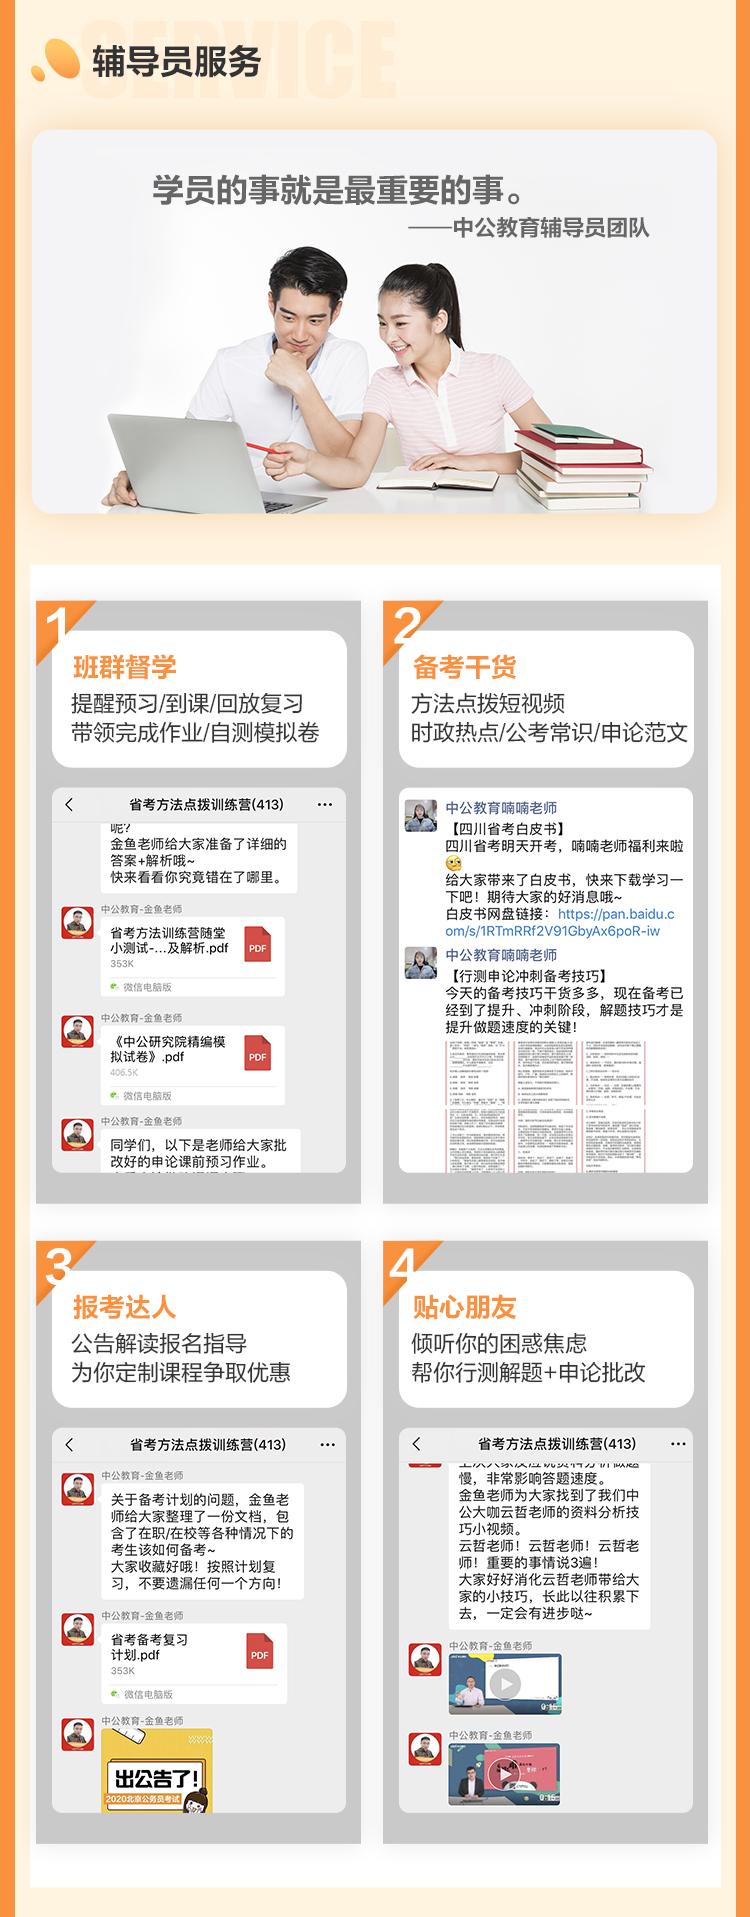 省考���I9期(�情�)_04.jpg